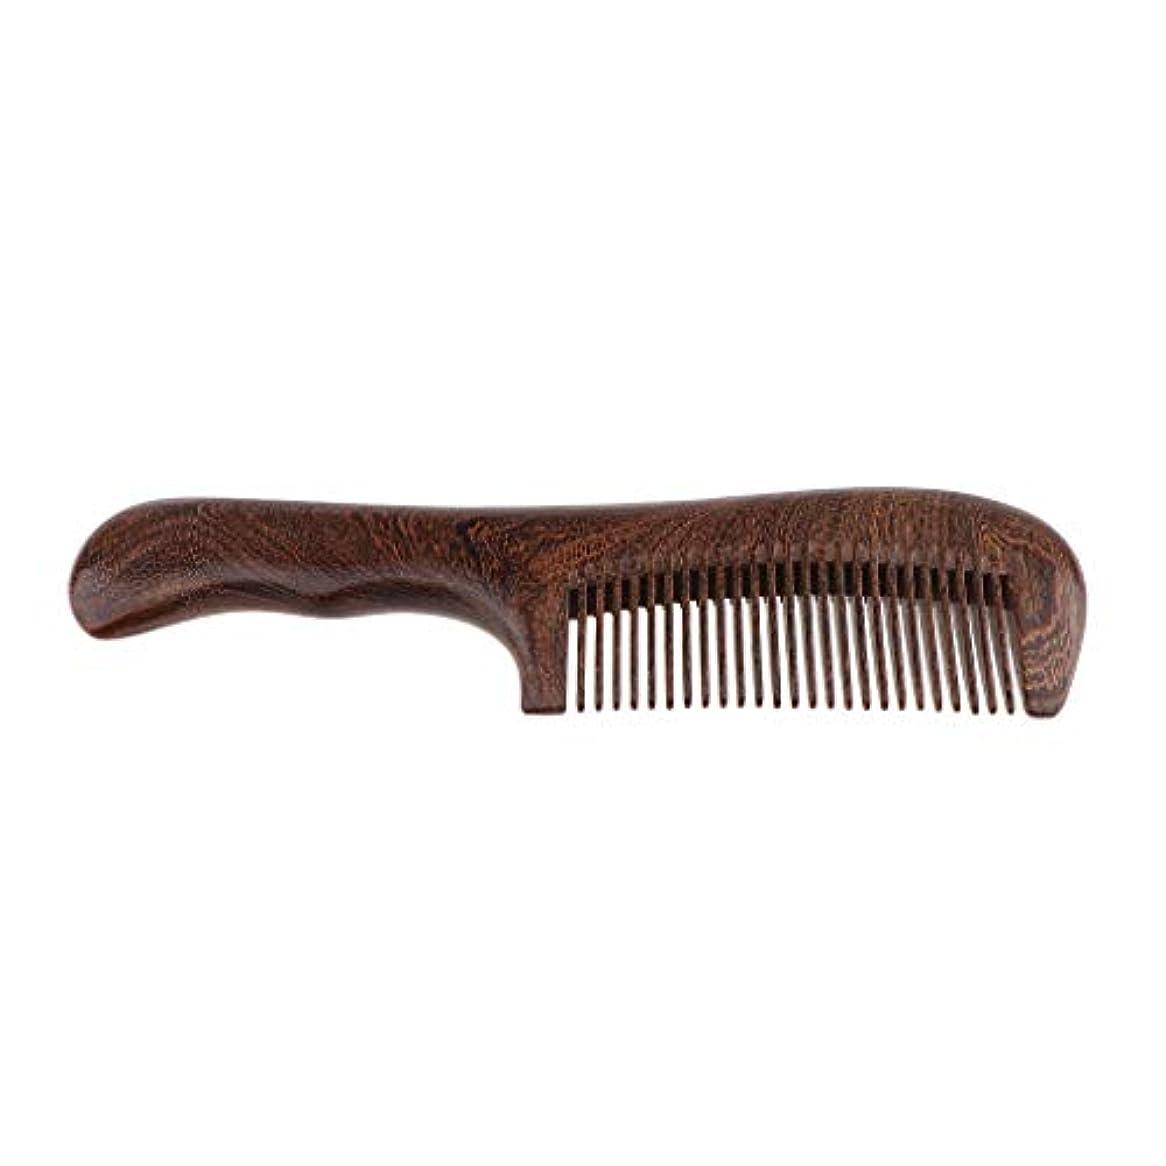 パンダベース線木製櫛 手作り ヘアブラシ ウッドコーム ハンドヘルド マッサージブラシ 2仕様選べ - 細かい歯